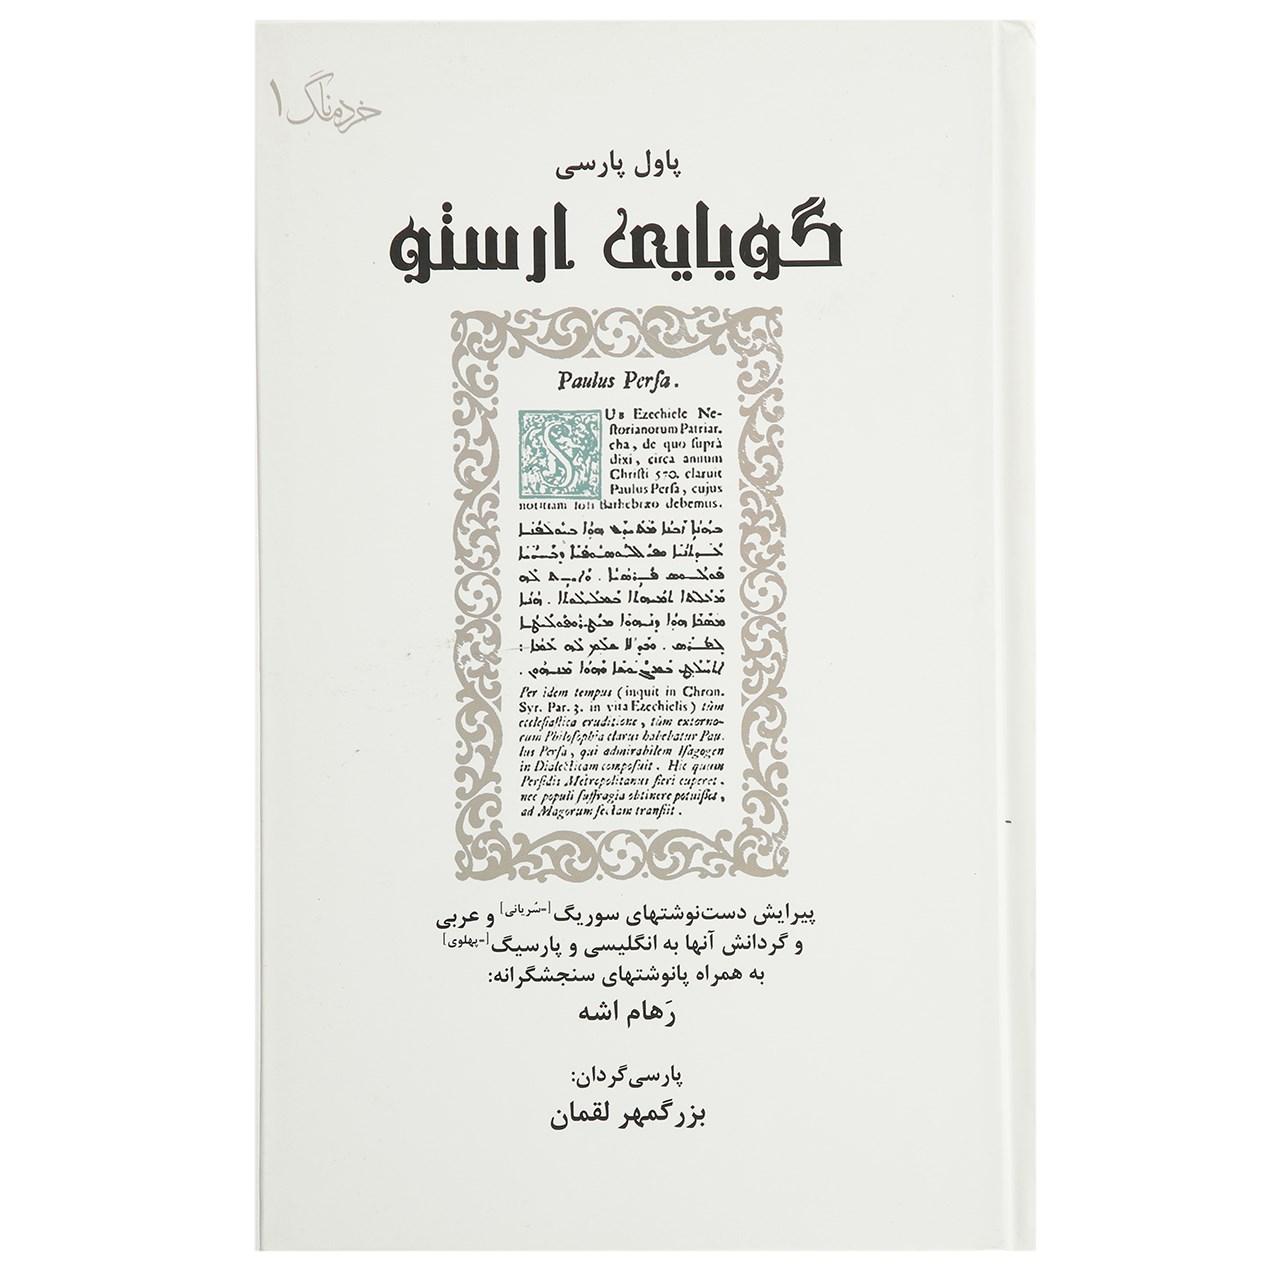 کتاب گویایی ارستو اثر پاول پارسی